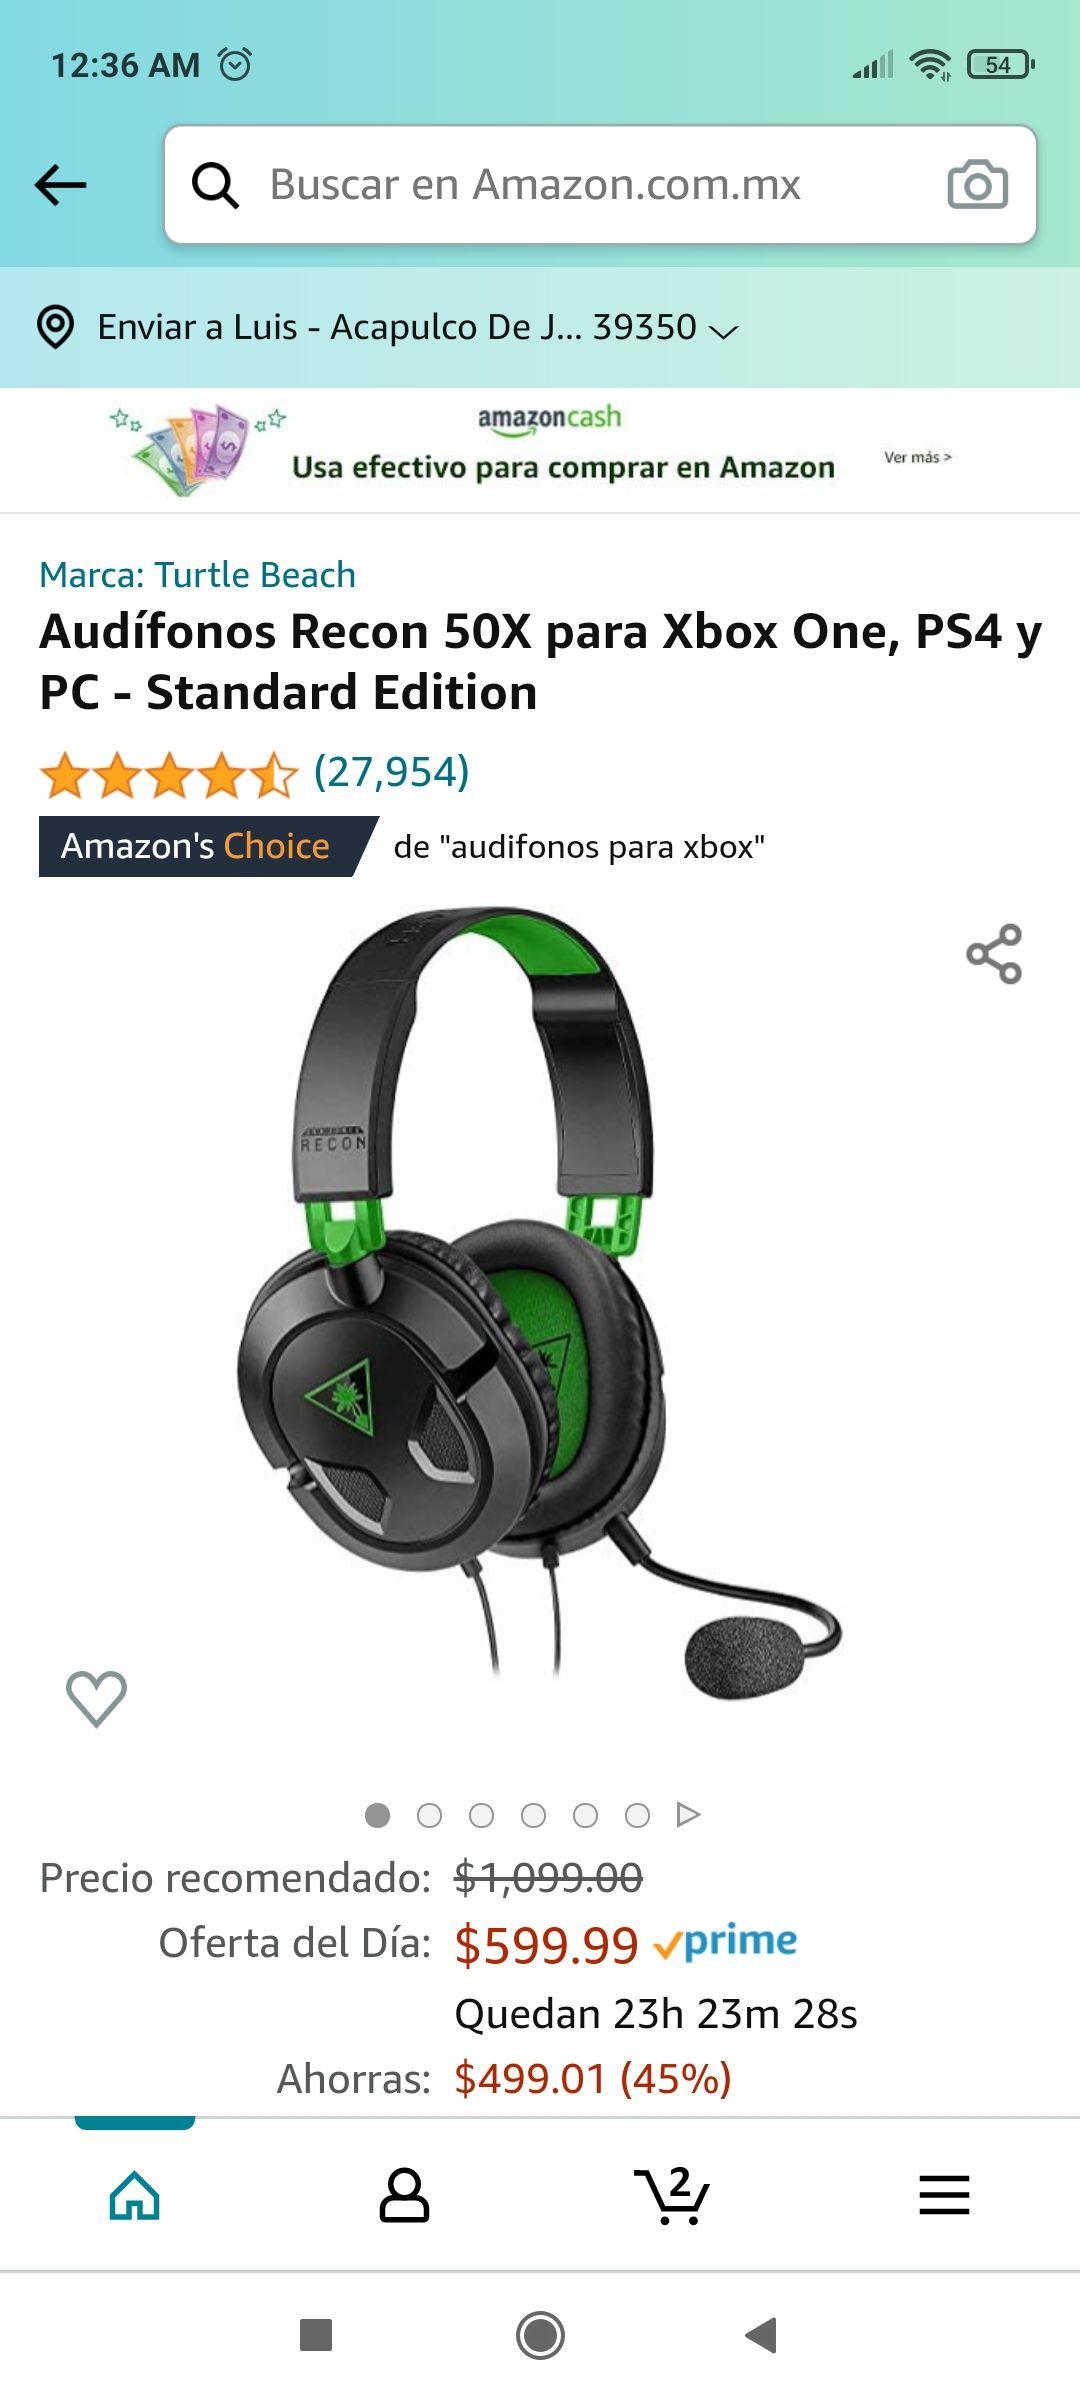 Amazon: Audífonos Recon 50X para Xbox One, PS4 y PC - Standard Edition